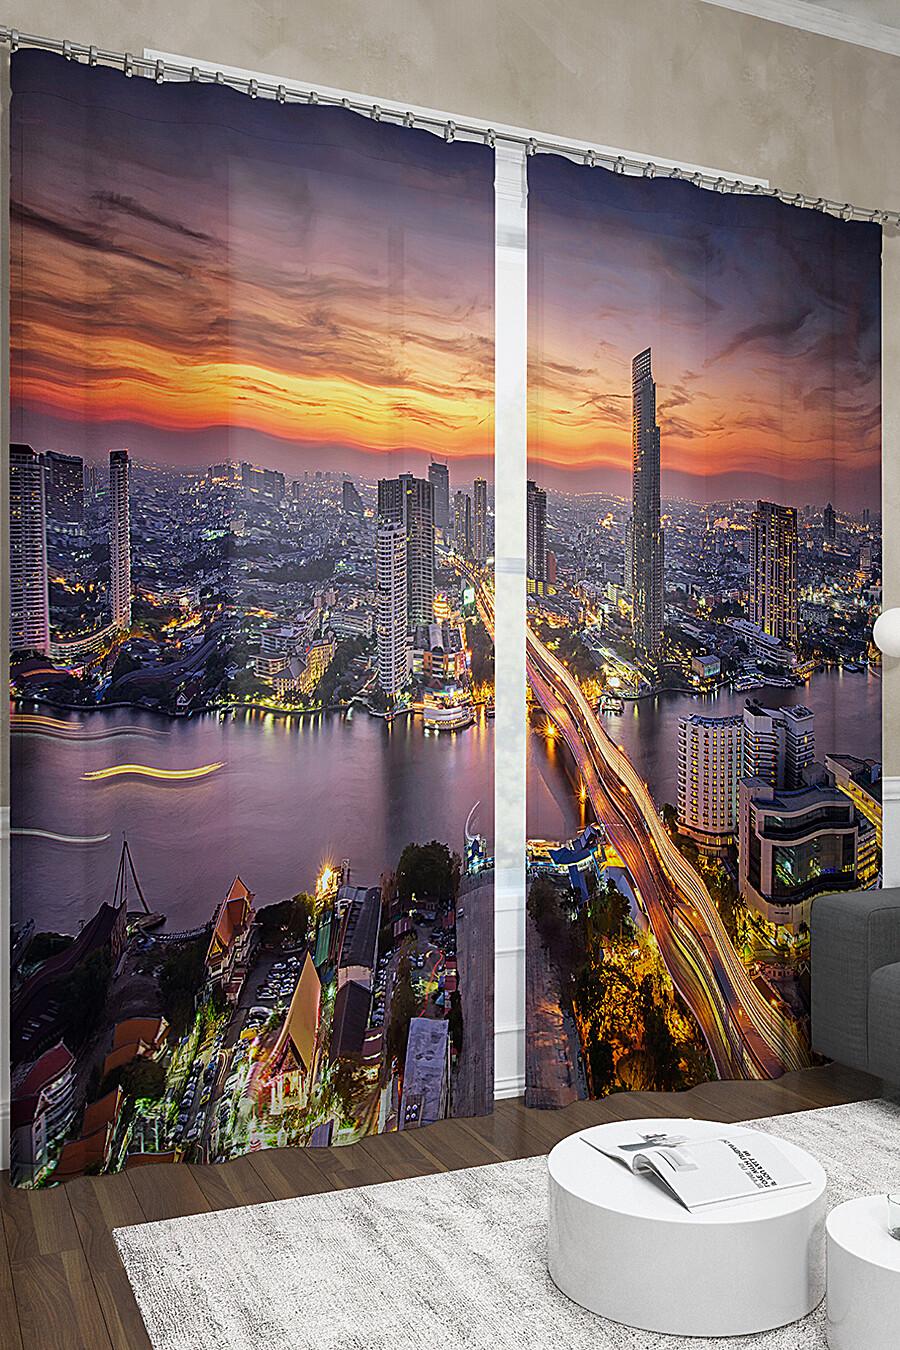 Фотошторы для дома ART HOME TEXTILE 124203 купить оптом от производителя. Совместная покупка товаров для дома в OptMoyo